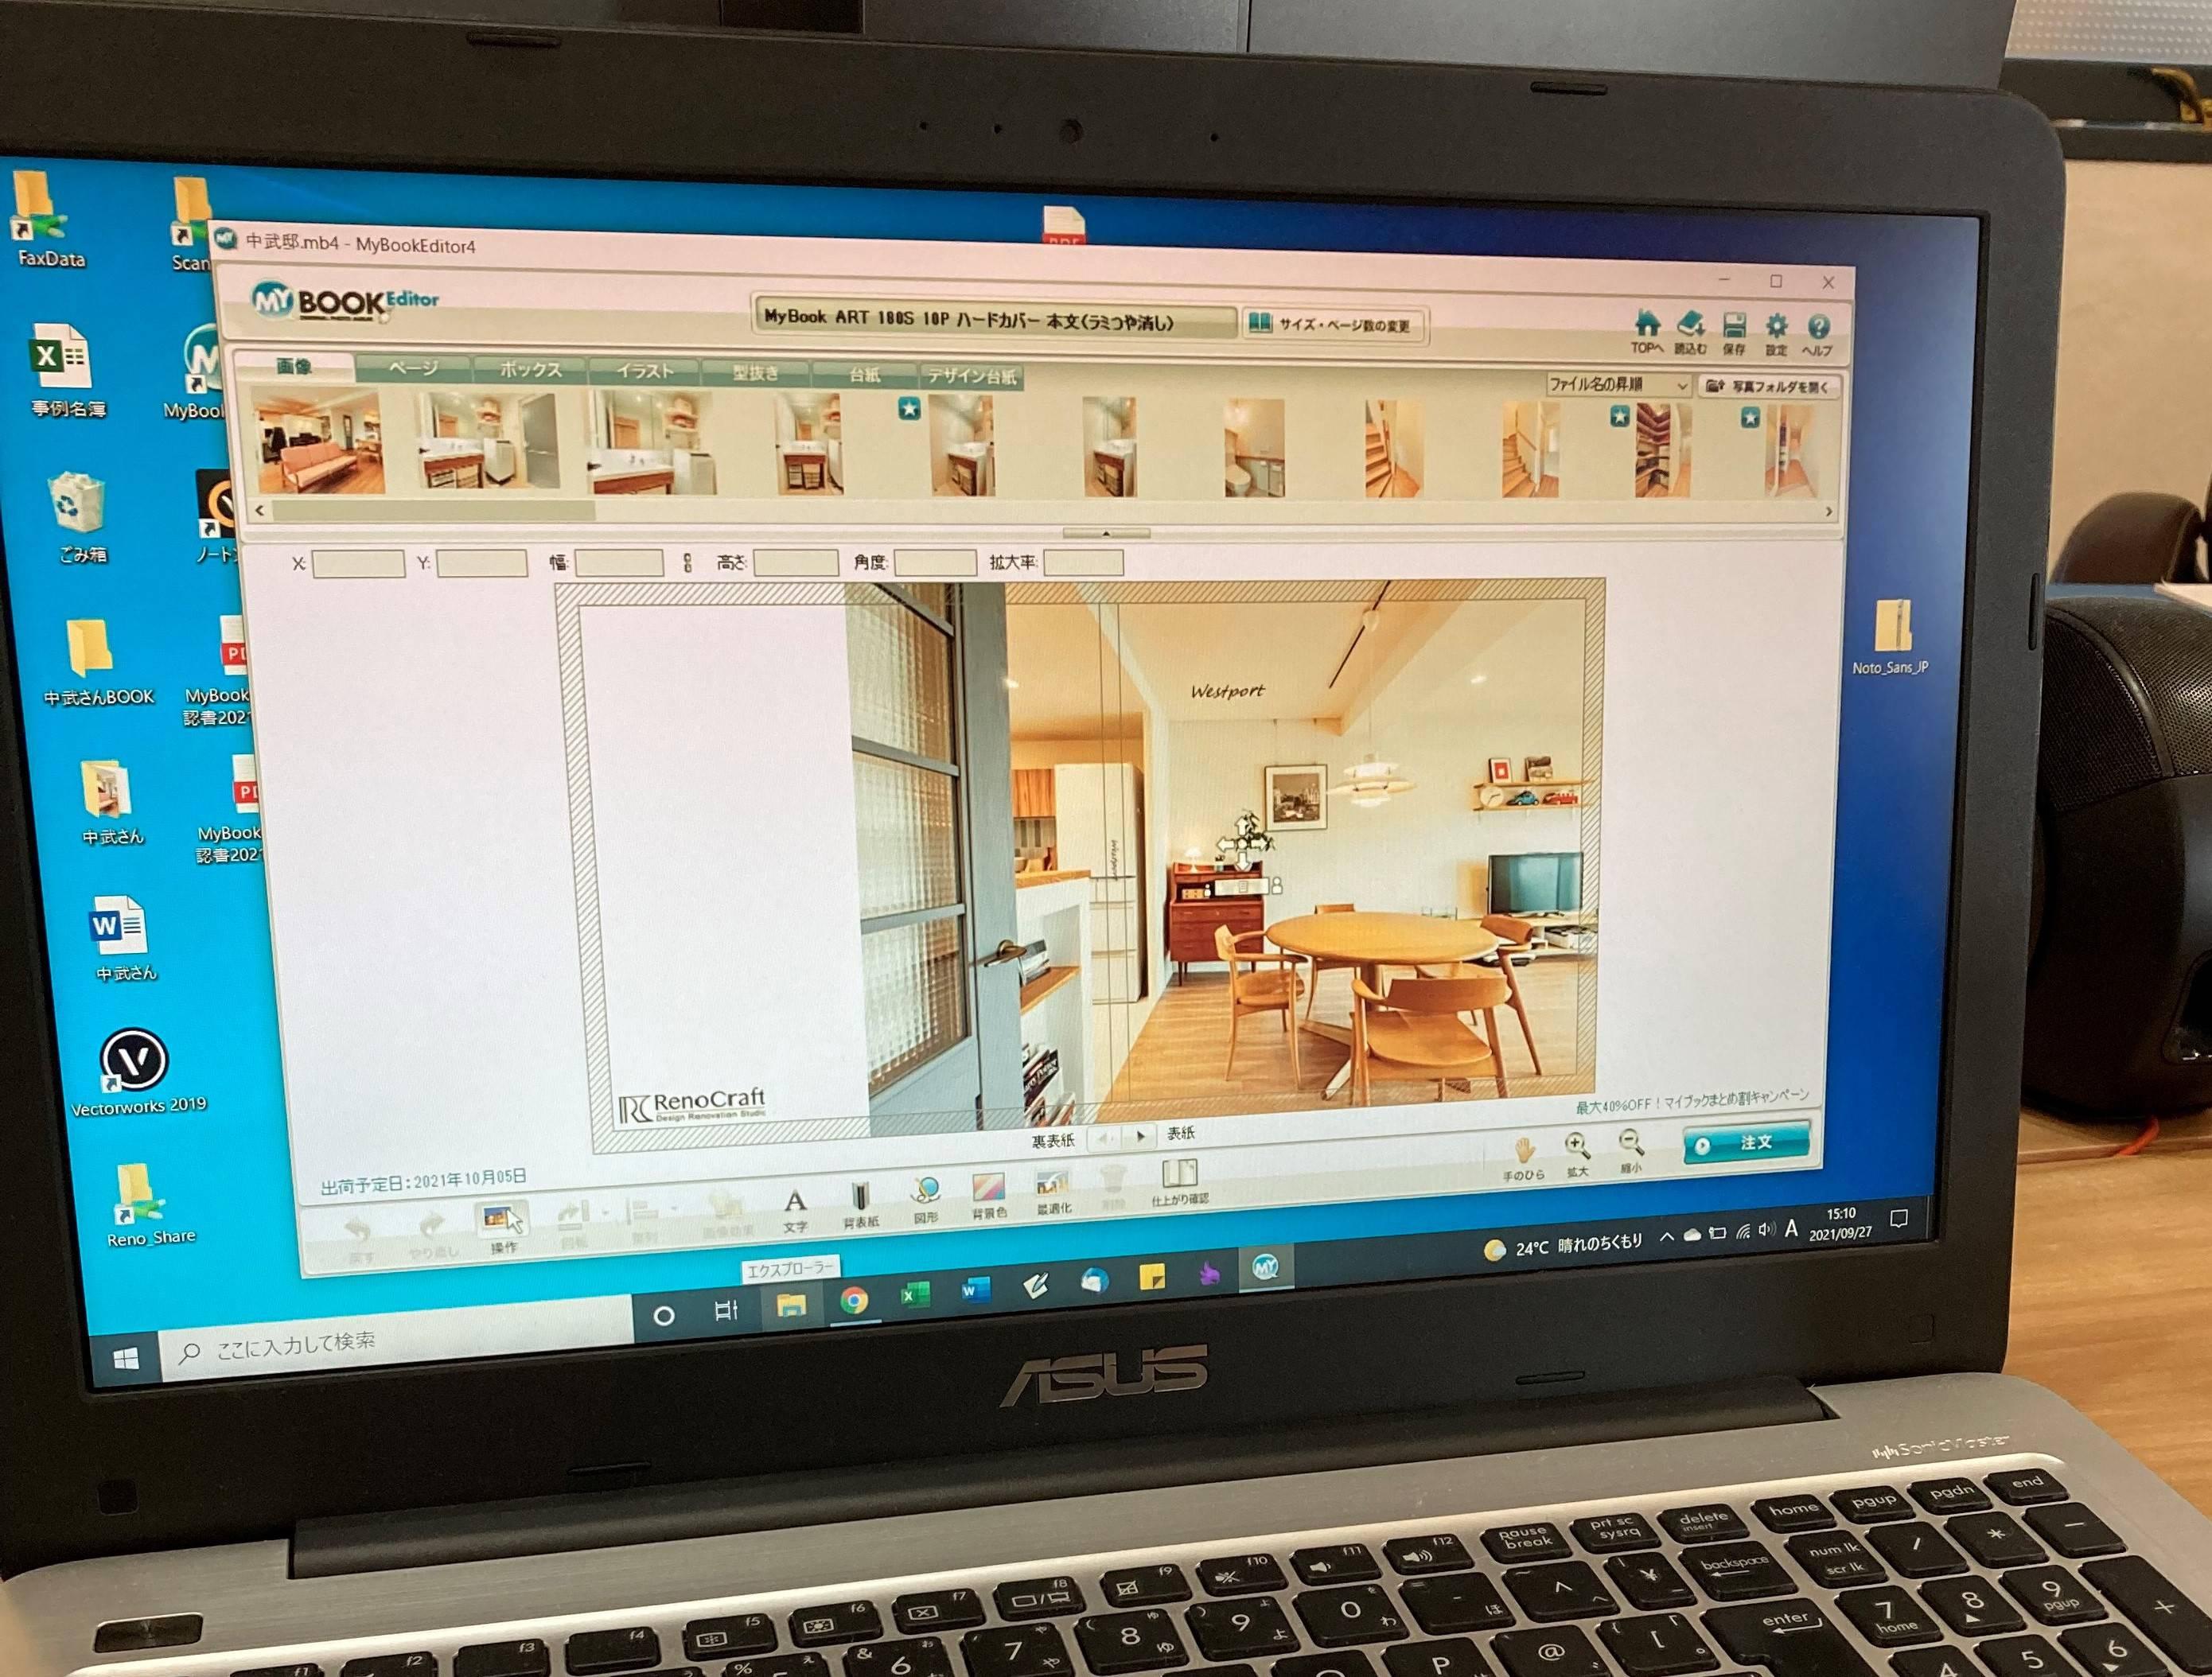 豊橋市でリノベーションを手掛けるリノクラフト株式会社でマンションリノベーションされたOB様NさんのMYBOOKを作成中です